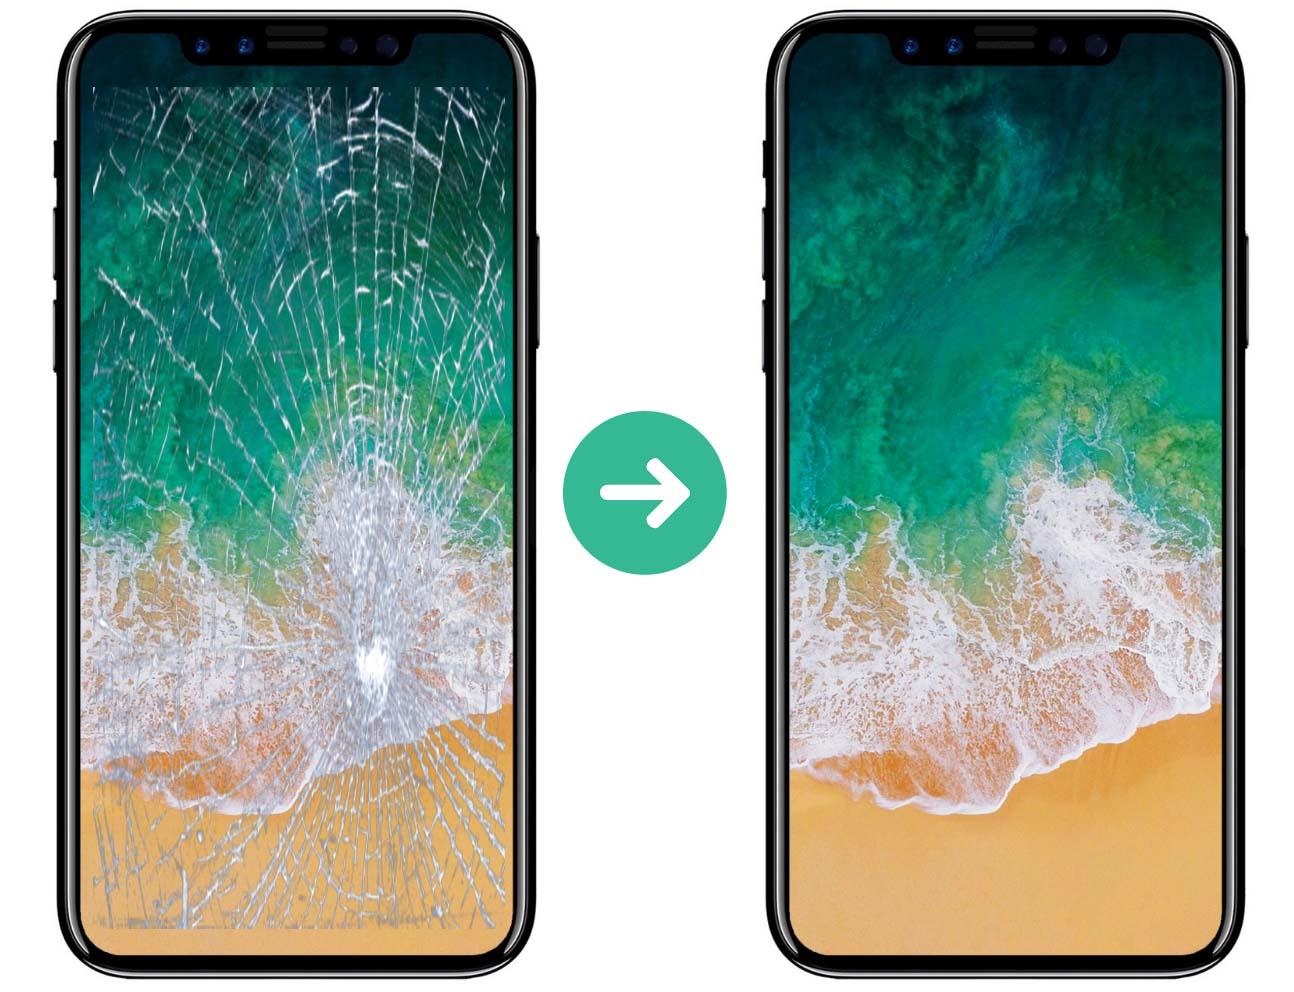 Thay mặt kính iPhone Xs Max giá rẻ lấy ngay